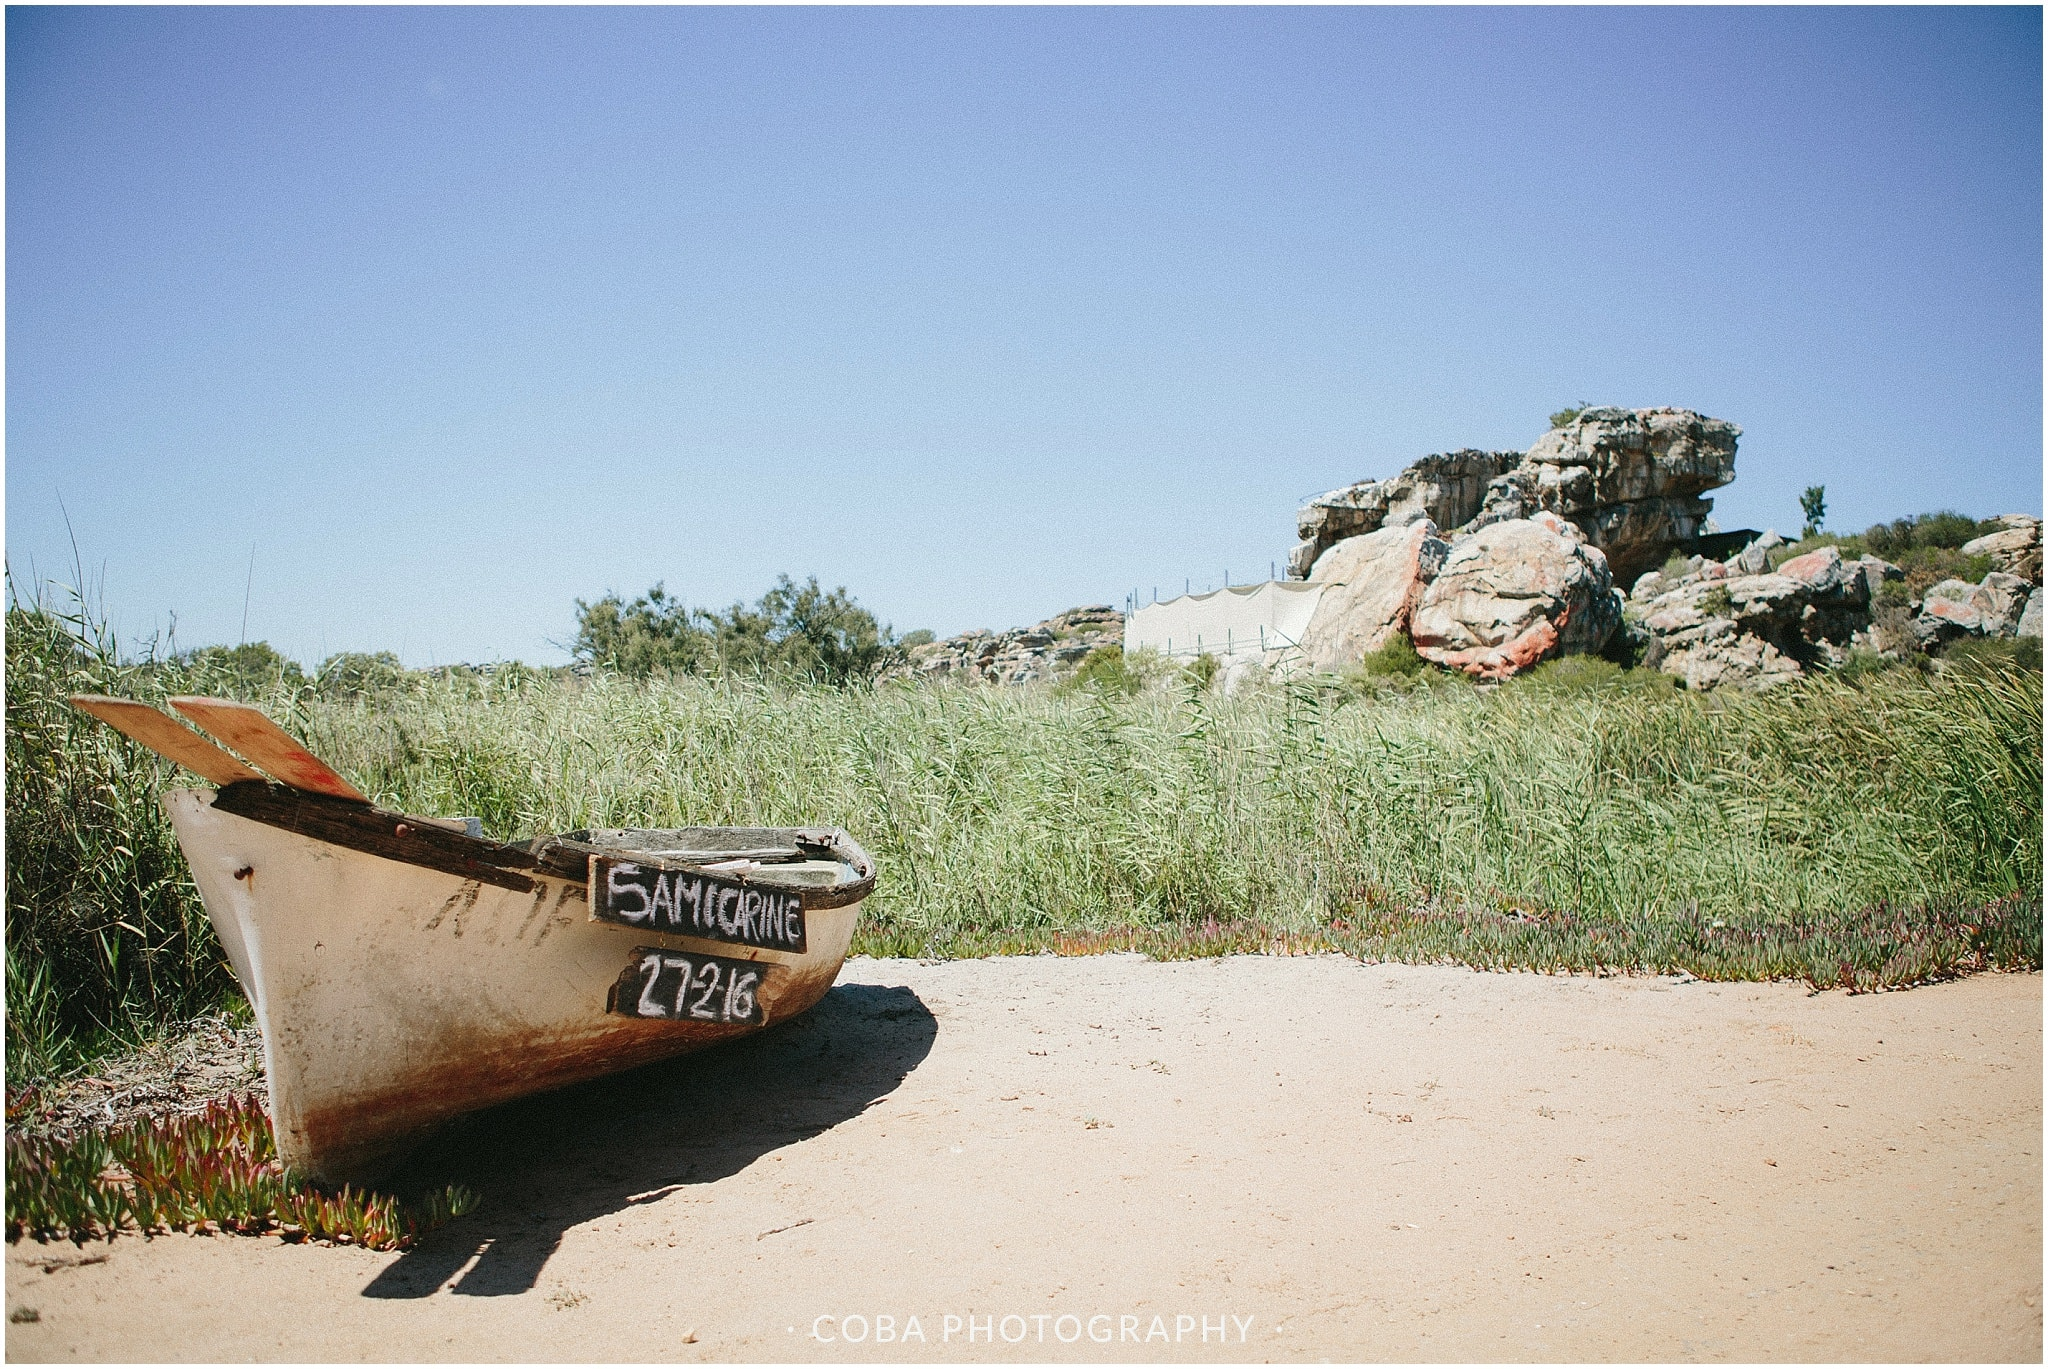 Sam & Carine _ Bosduifklip _ Coba Photography  (4)